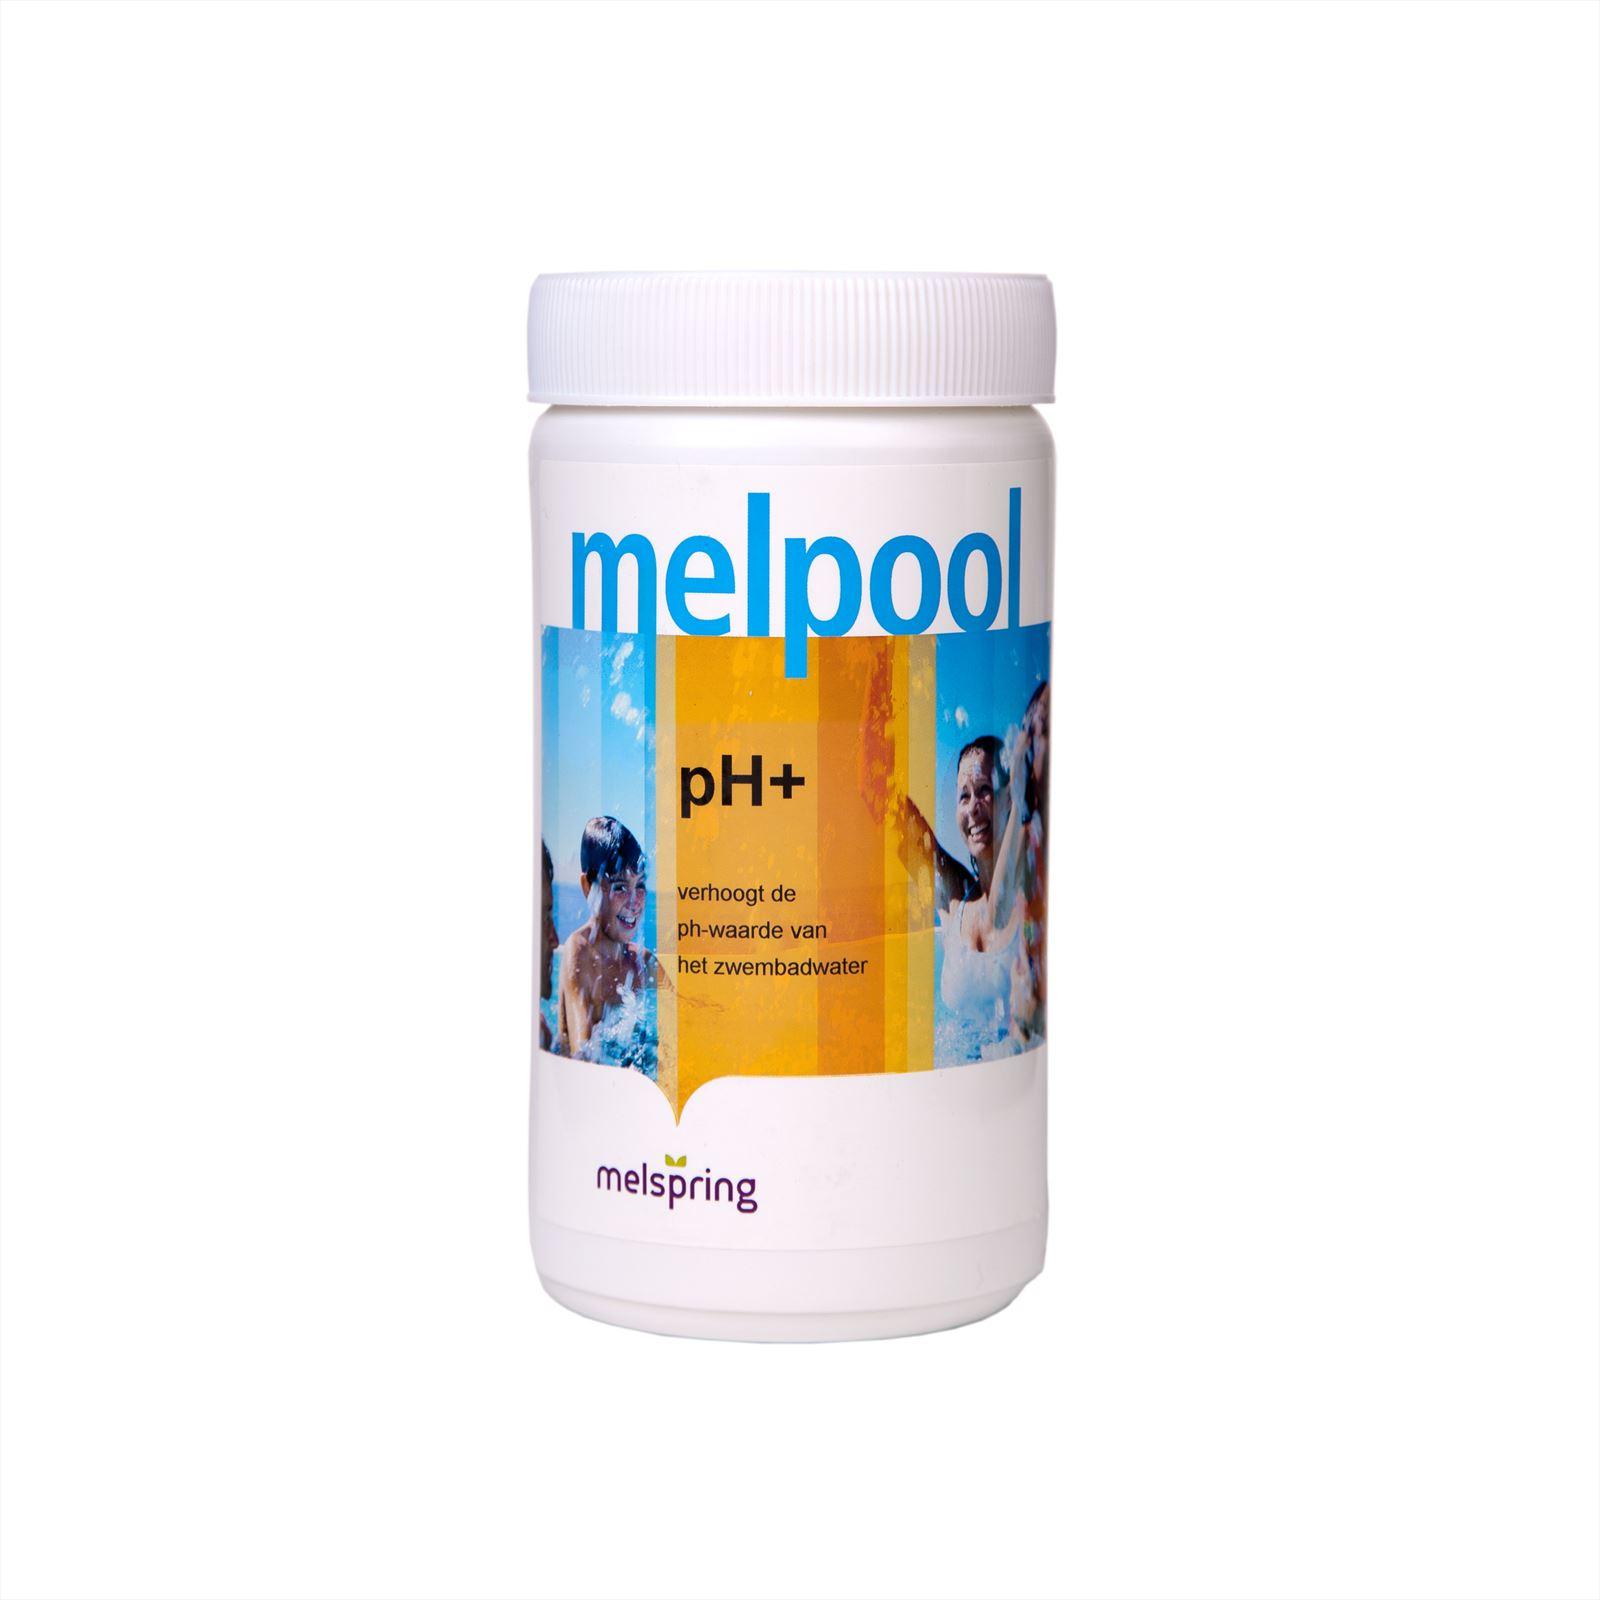 Melpool pH+, voor verhogen van pH-waarde van water in jacuzzi, 1 kg